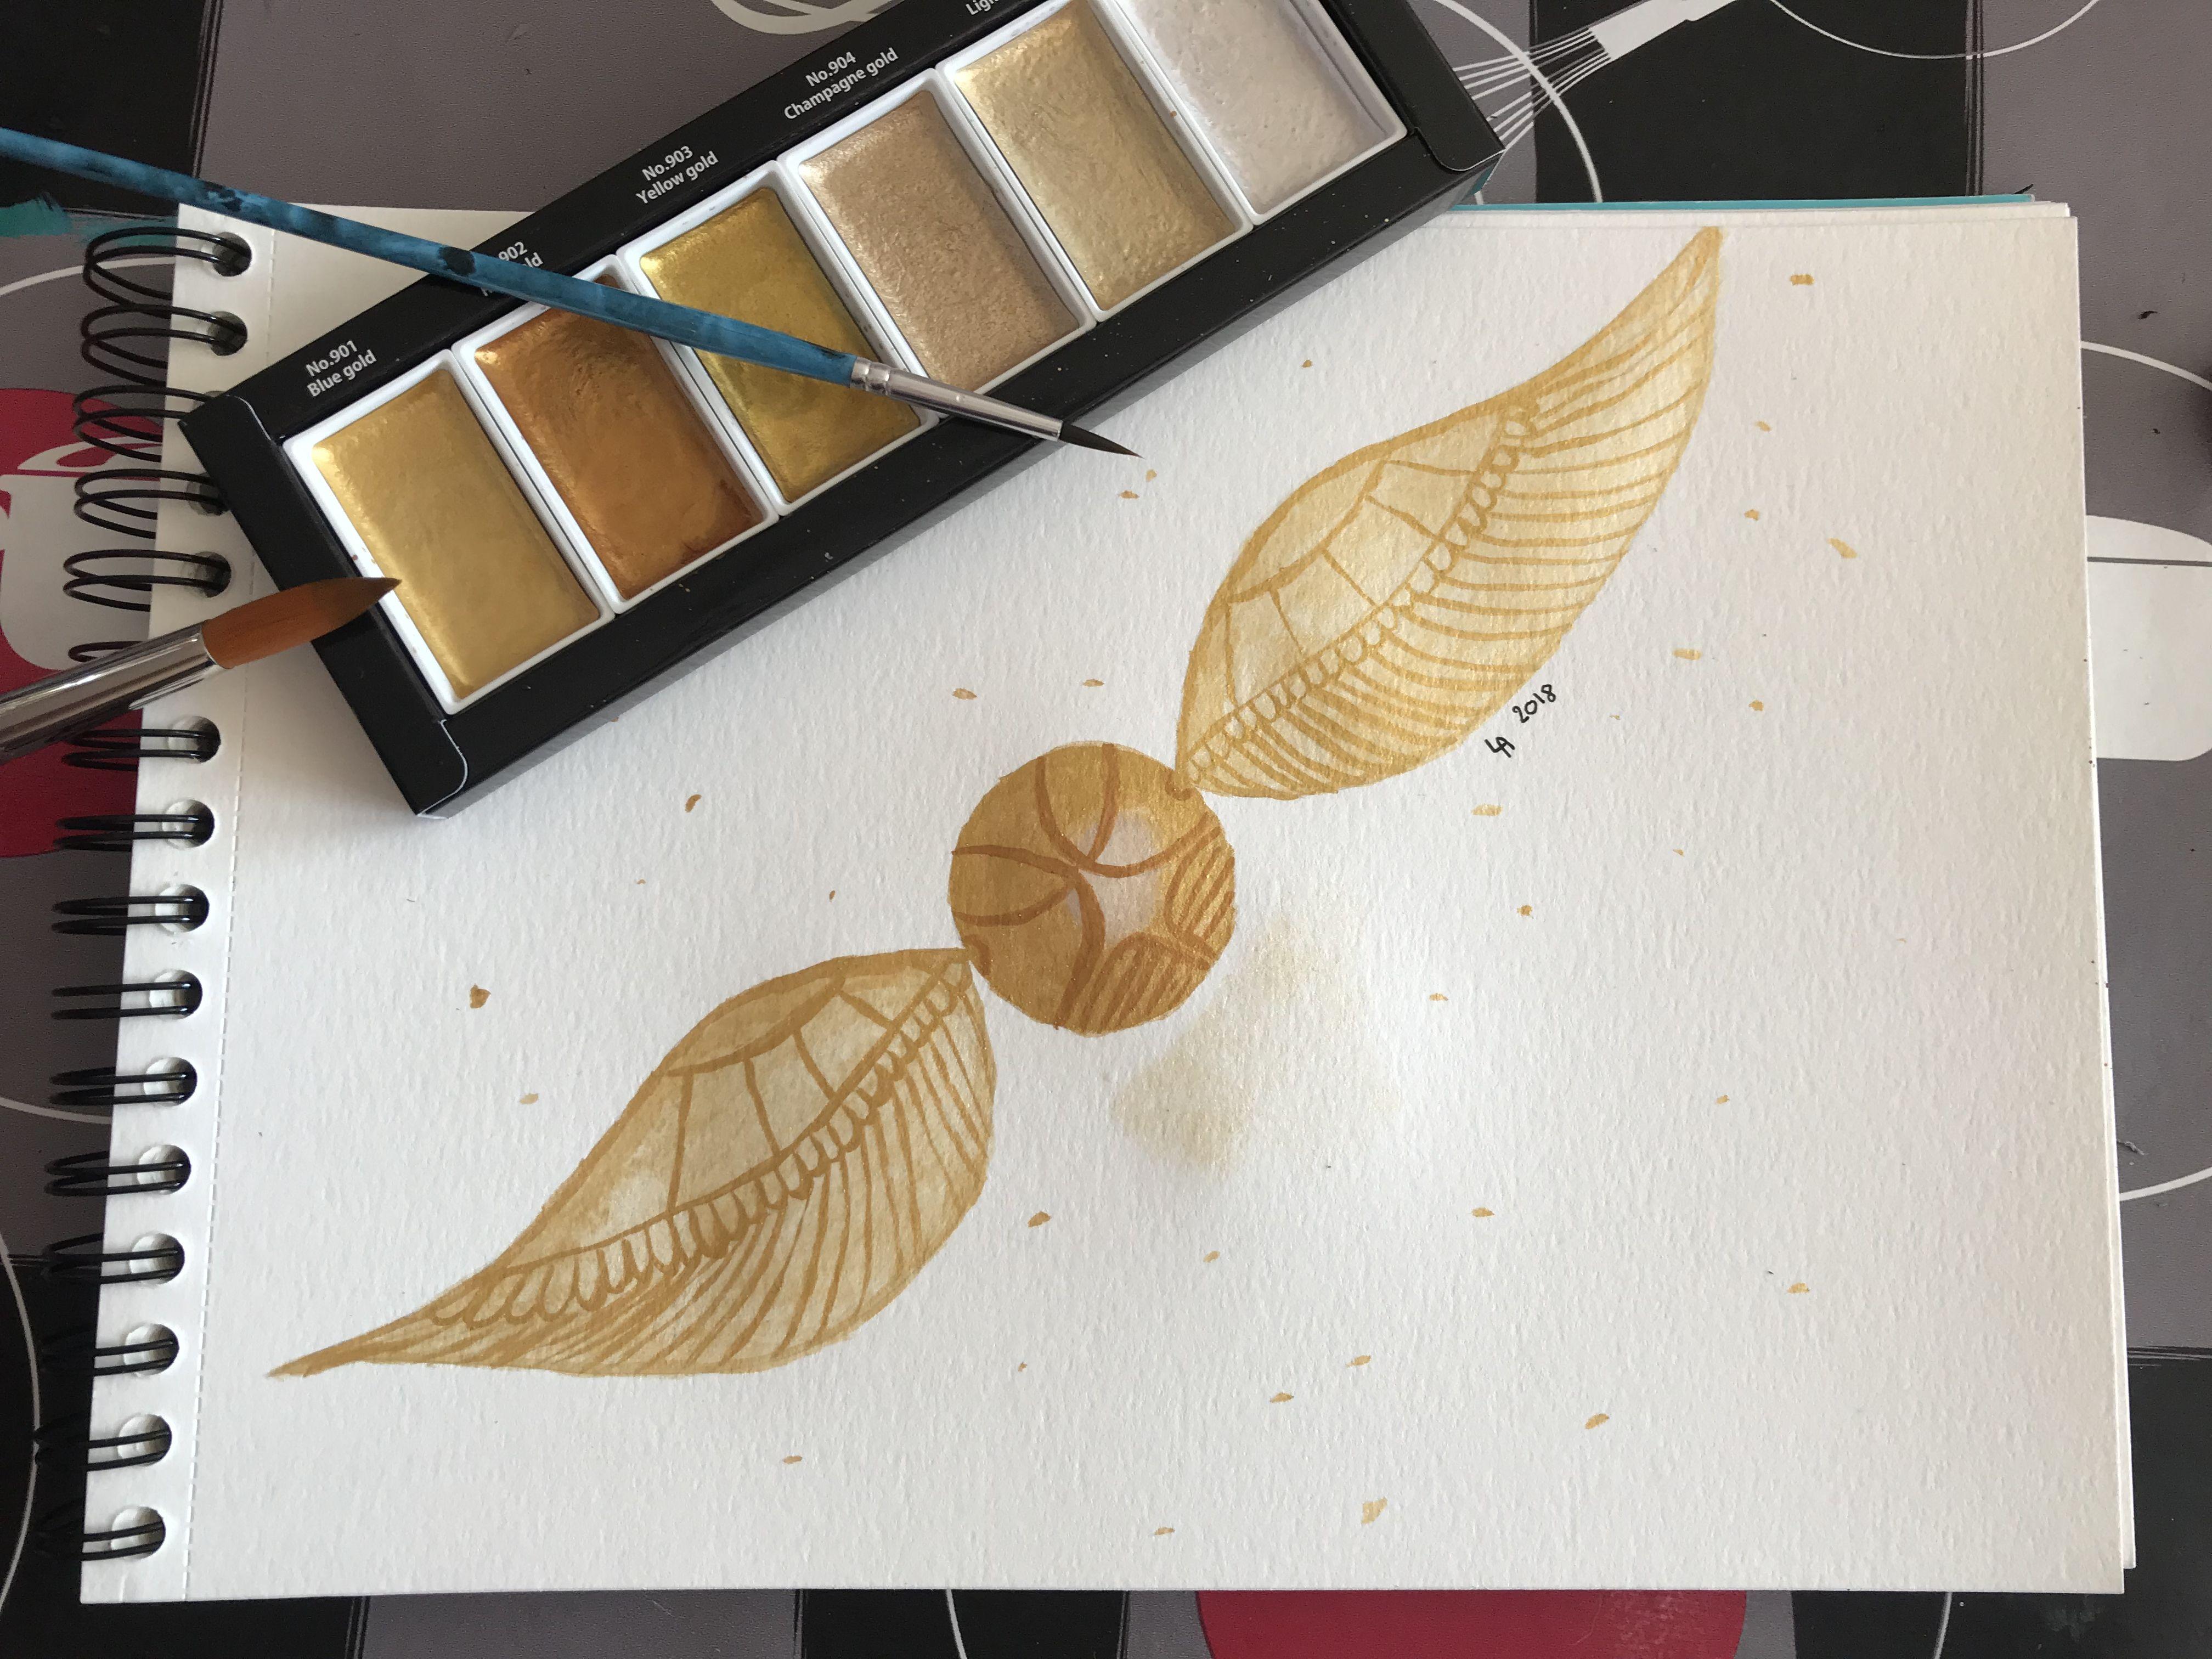 Le Vif D Or Harrypotter Doree Aquarelle Painting Peinture